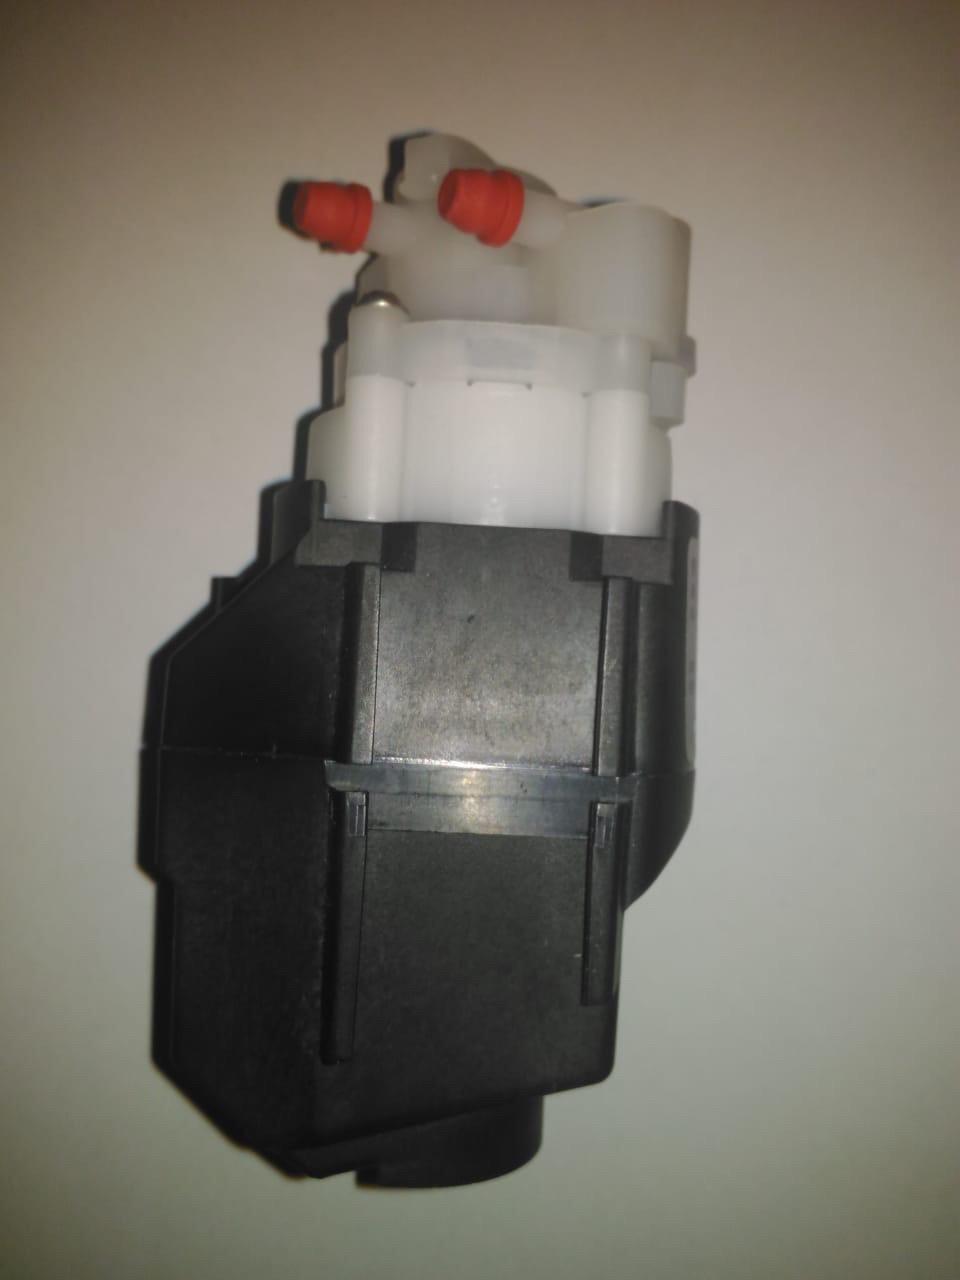 Дозатор моющего средства в Москве 89166193277 купить 1